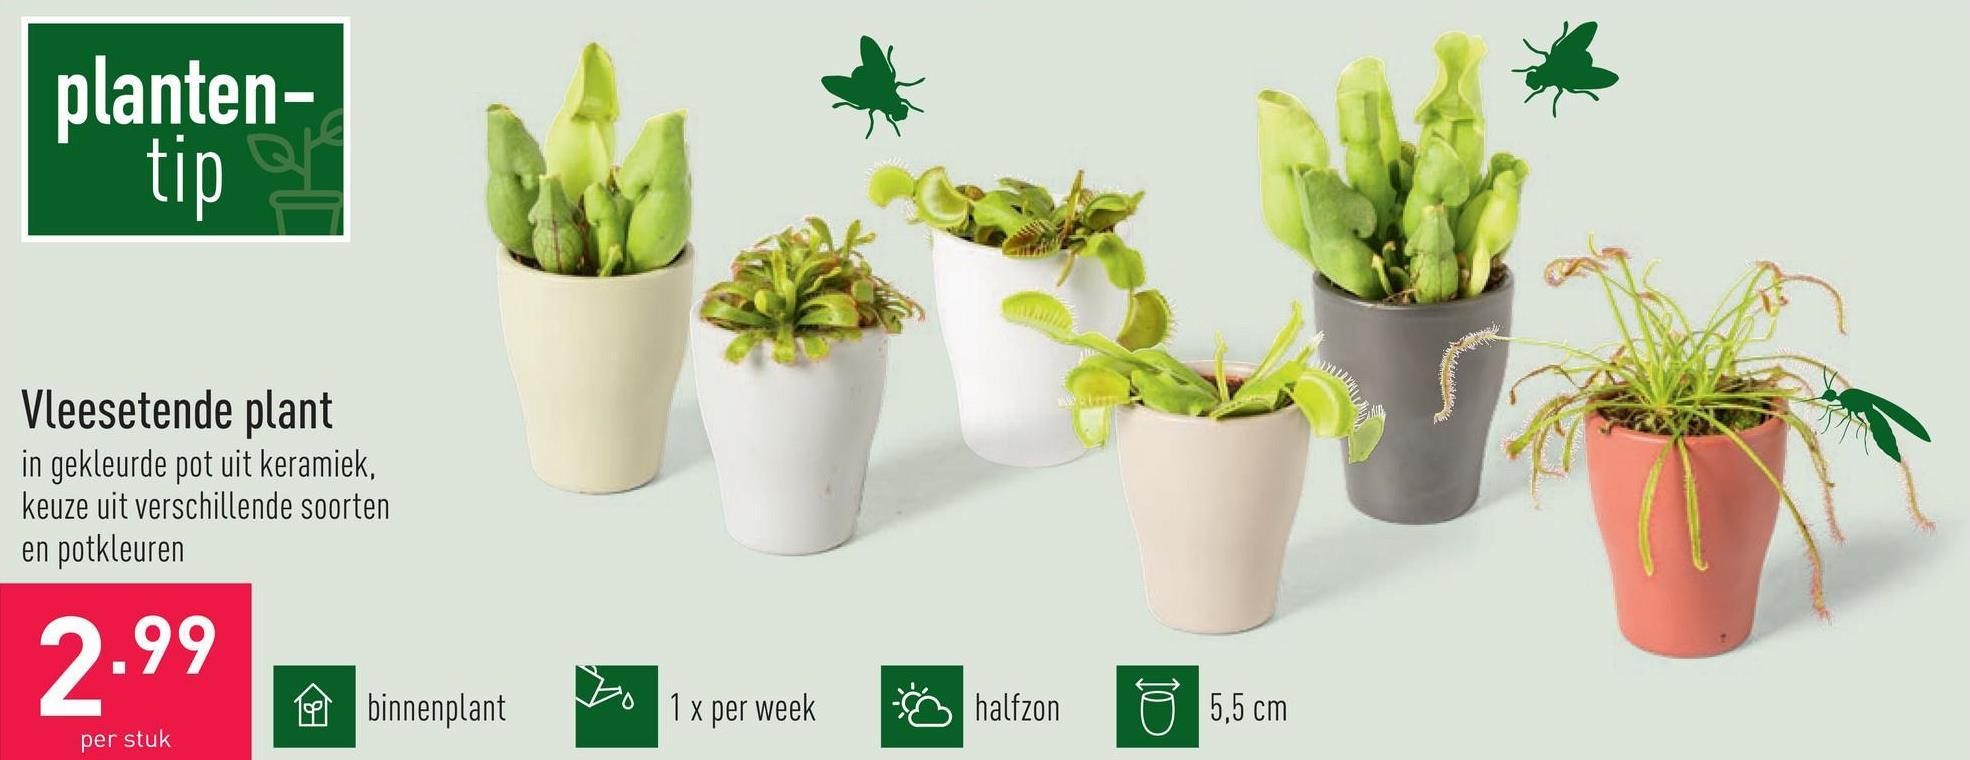 Vleesetende plant in gekleurde pot uit keramiek, keuze uit verschillende soorten en potkleuren, binnenplant, diameter kweekpot: 5,5 cm, halfzon, 1 x per week water geven